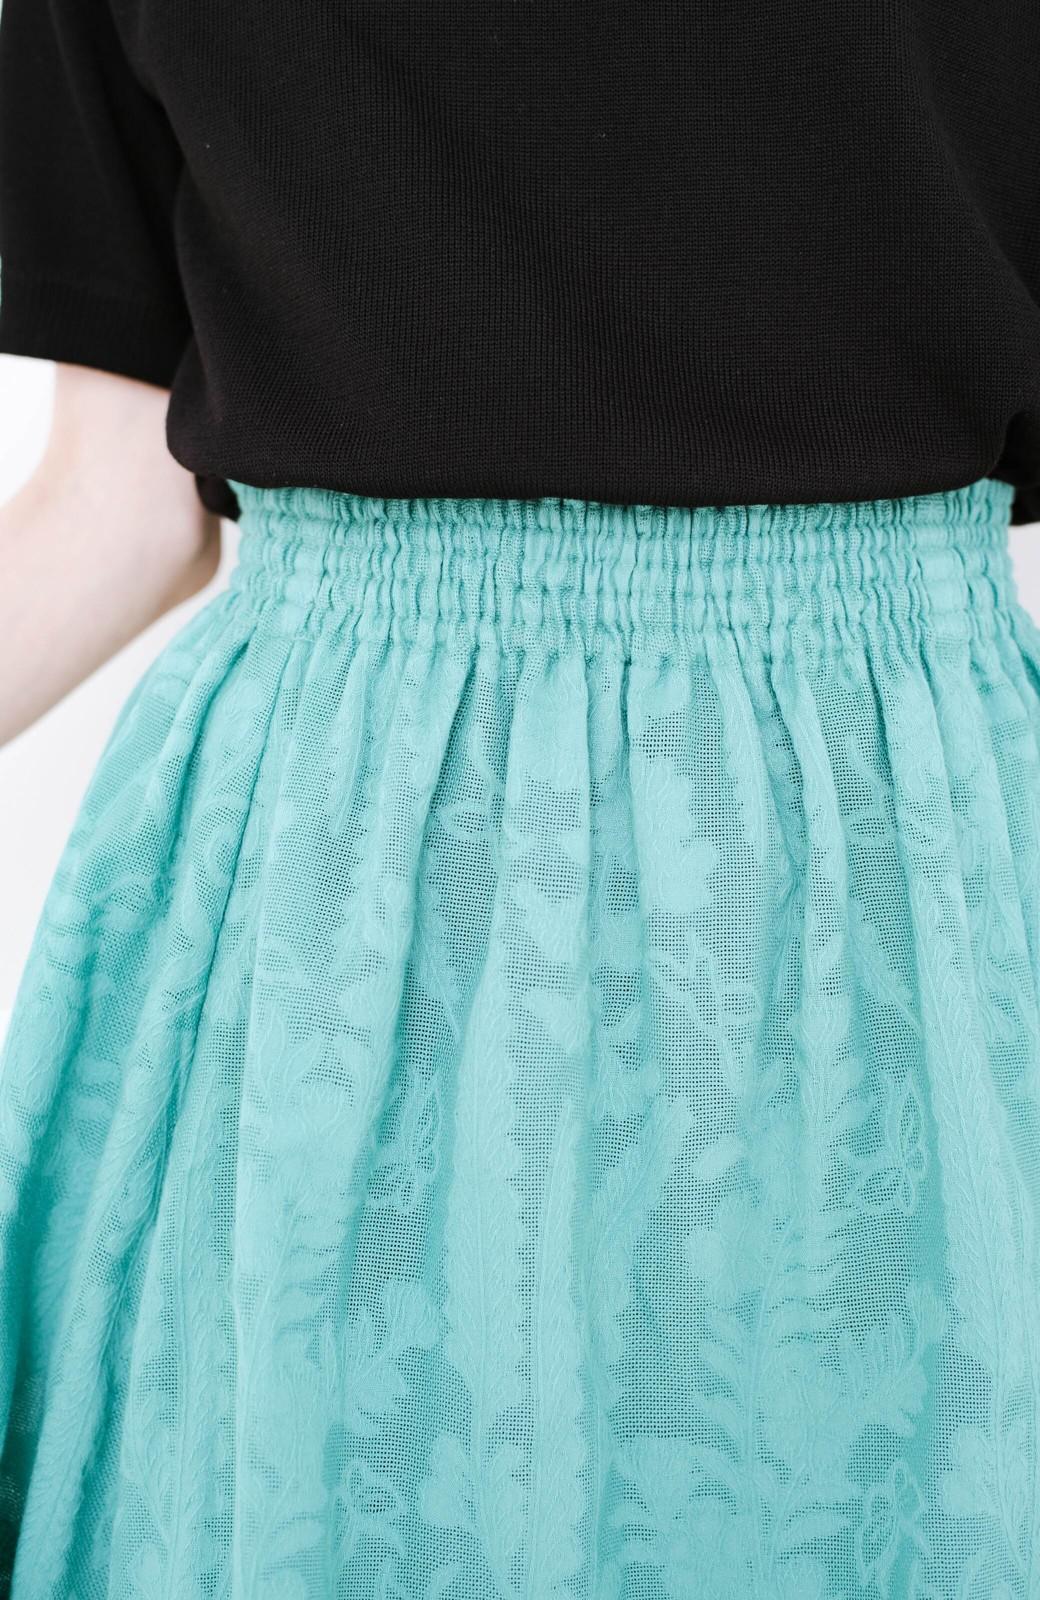 haco! 【コラボ3年目!】京都の浴衣屋さんと作った浴衣生地のスカート <グリーン>の商品写真5